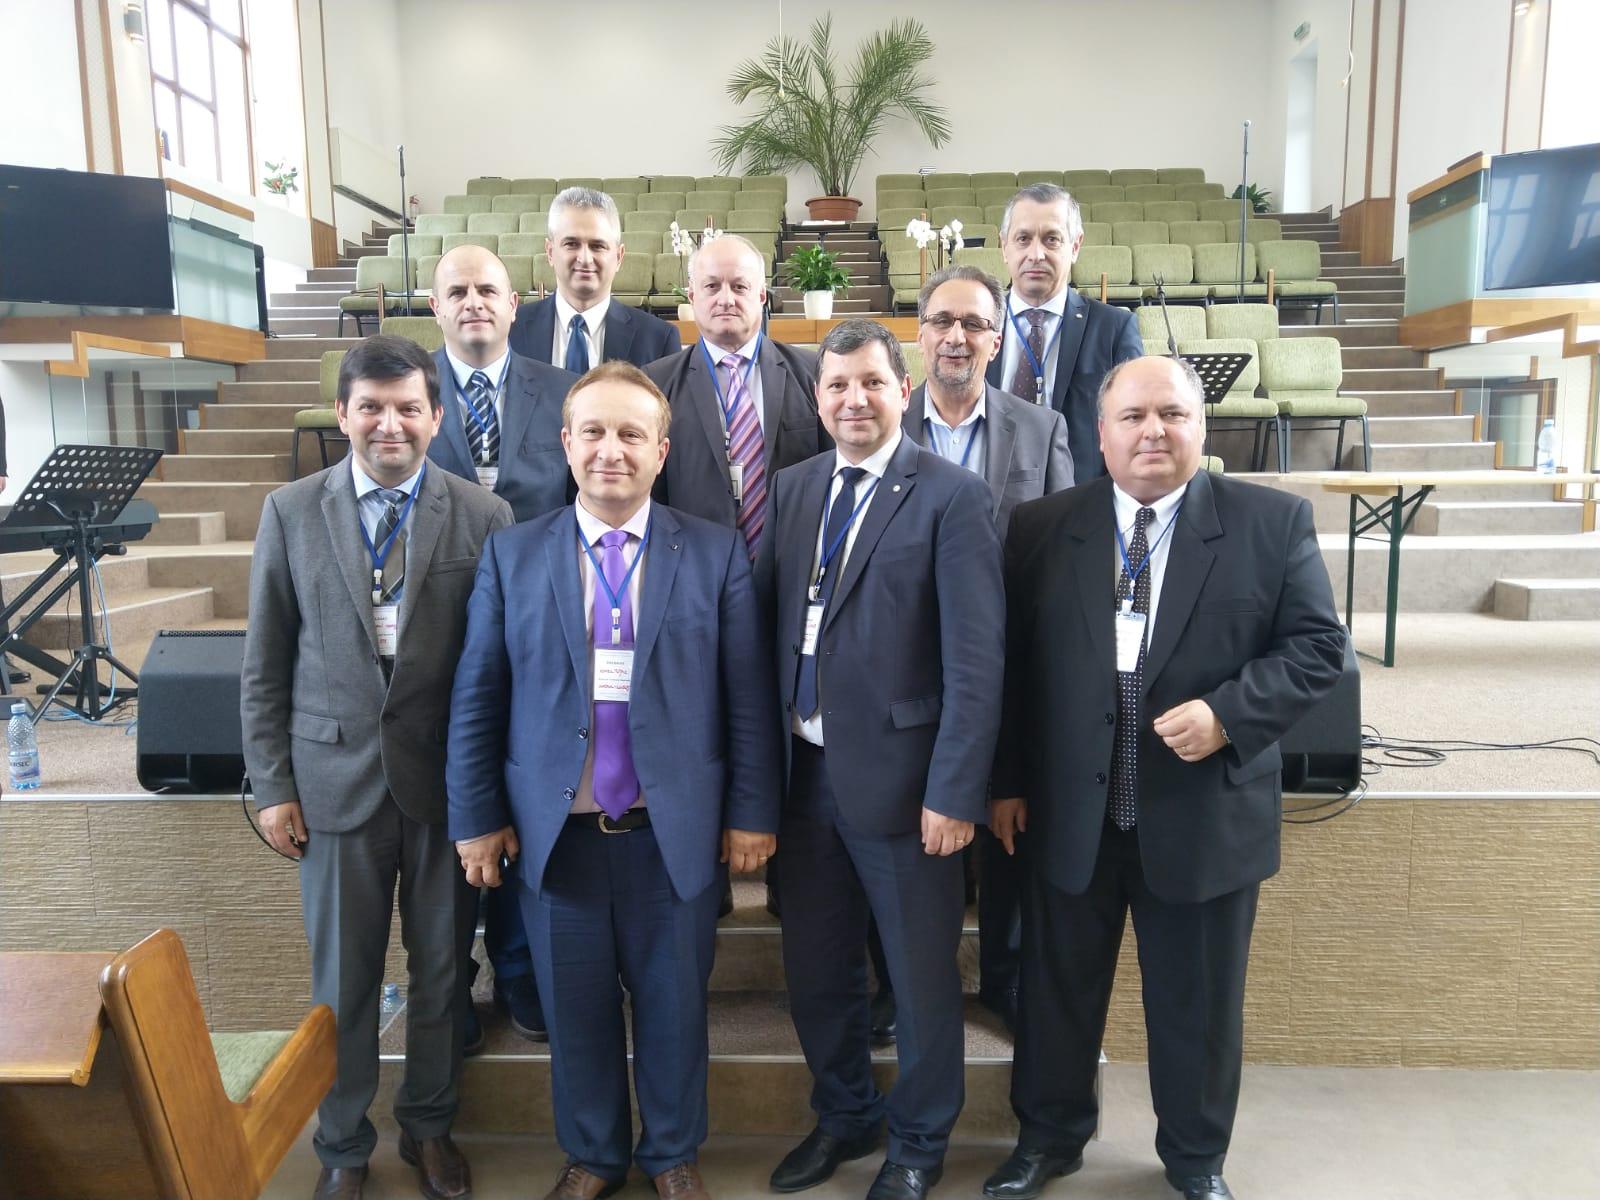 Noul comitet de conducere a Comunității Bisericilor Creștine Baptiste Timișoara